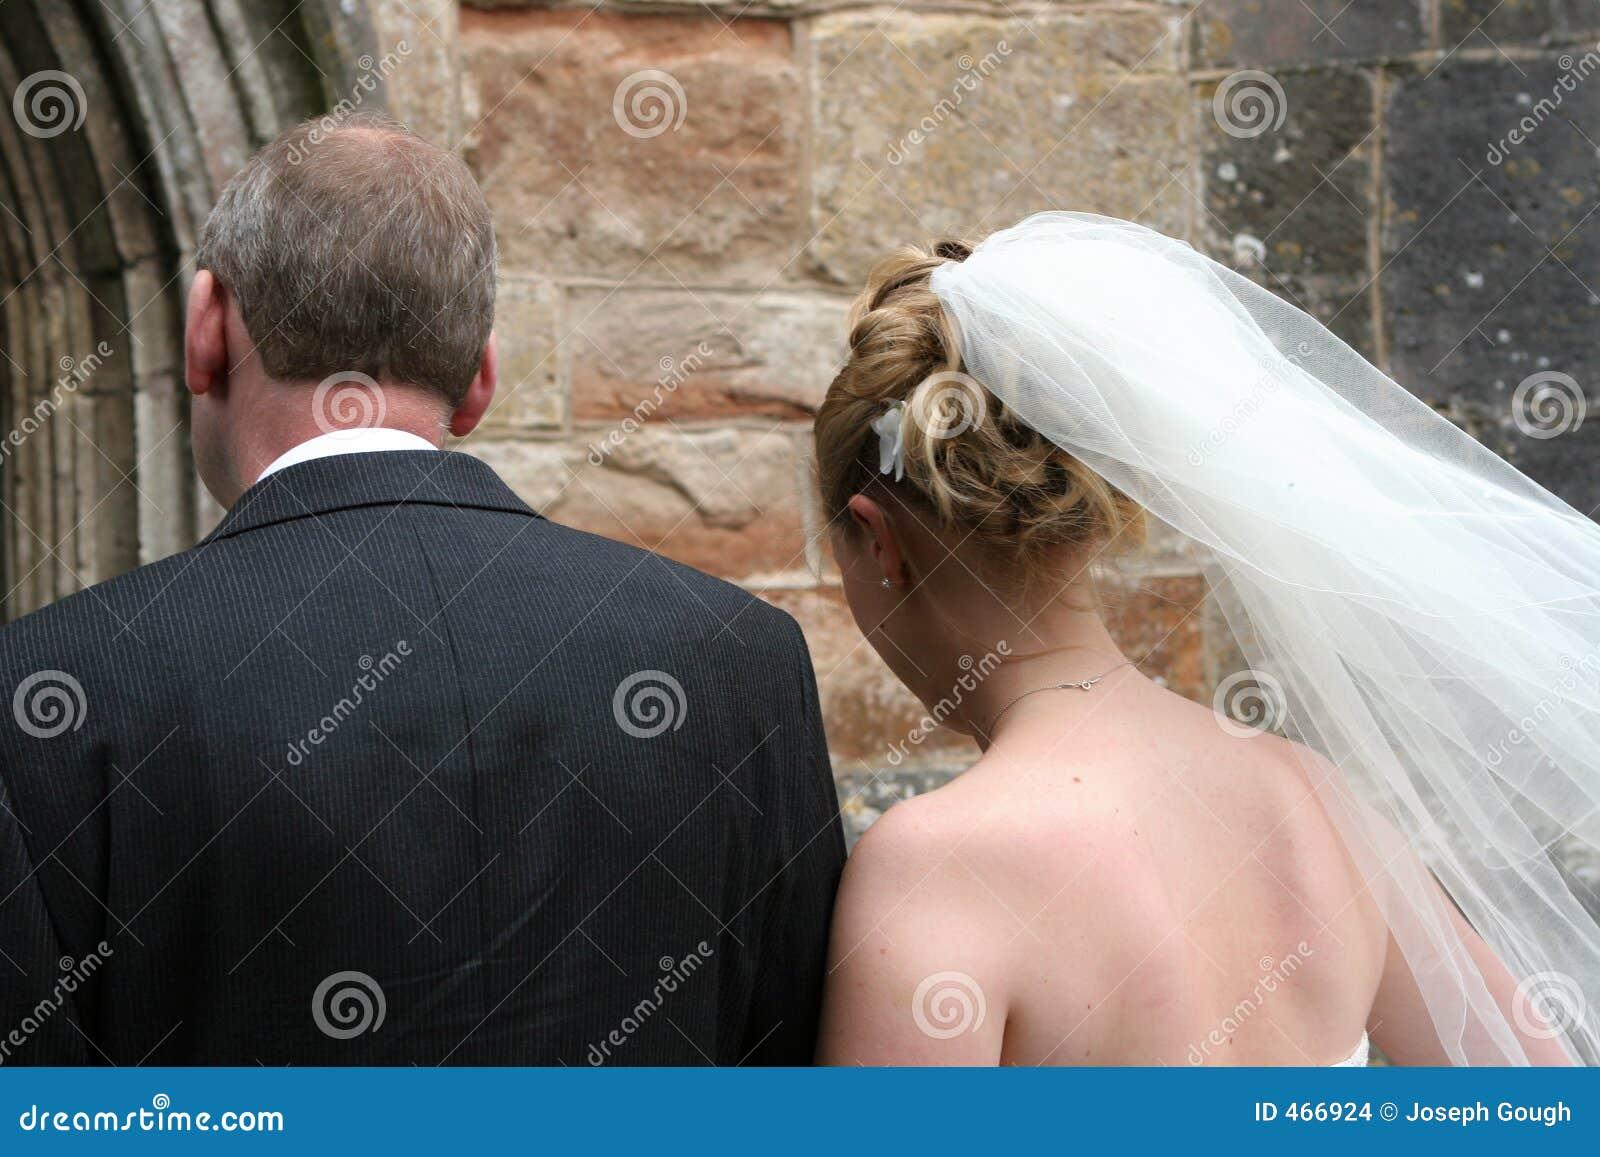 Qui viene la sposa